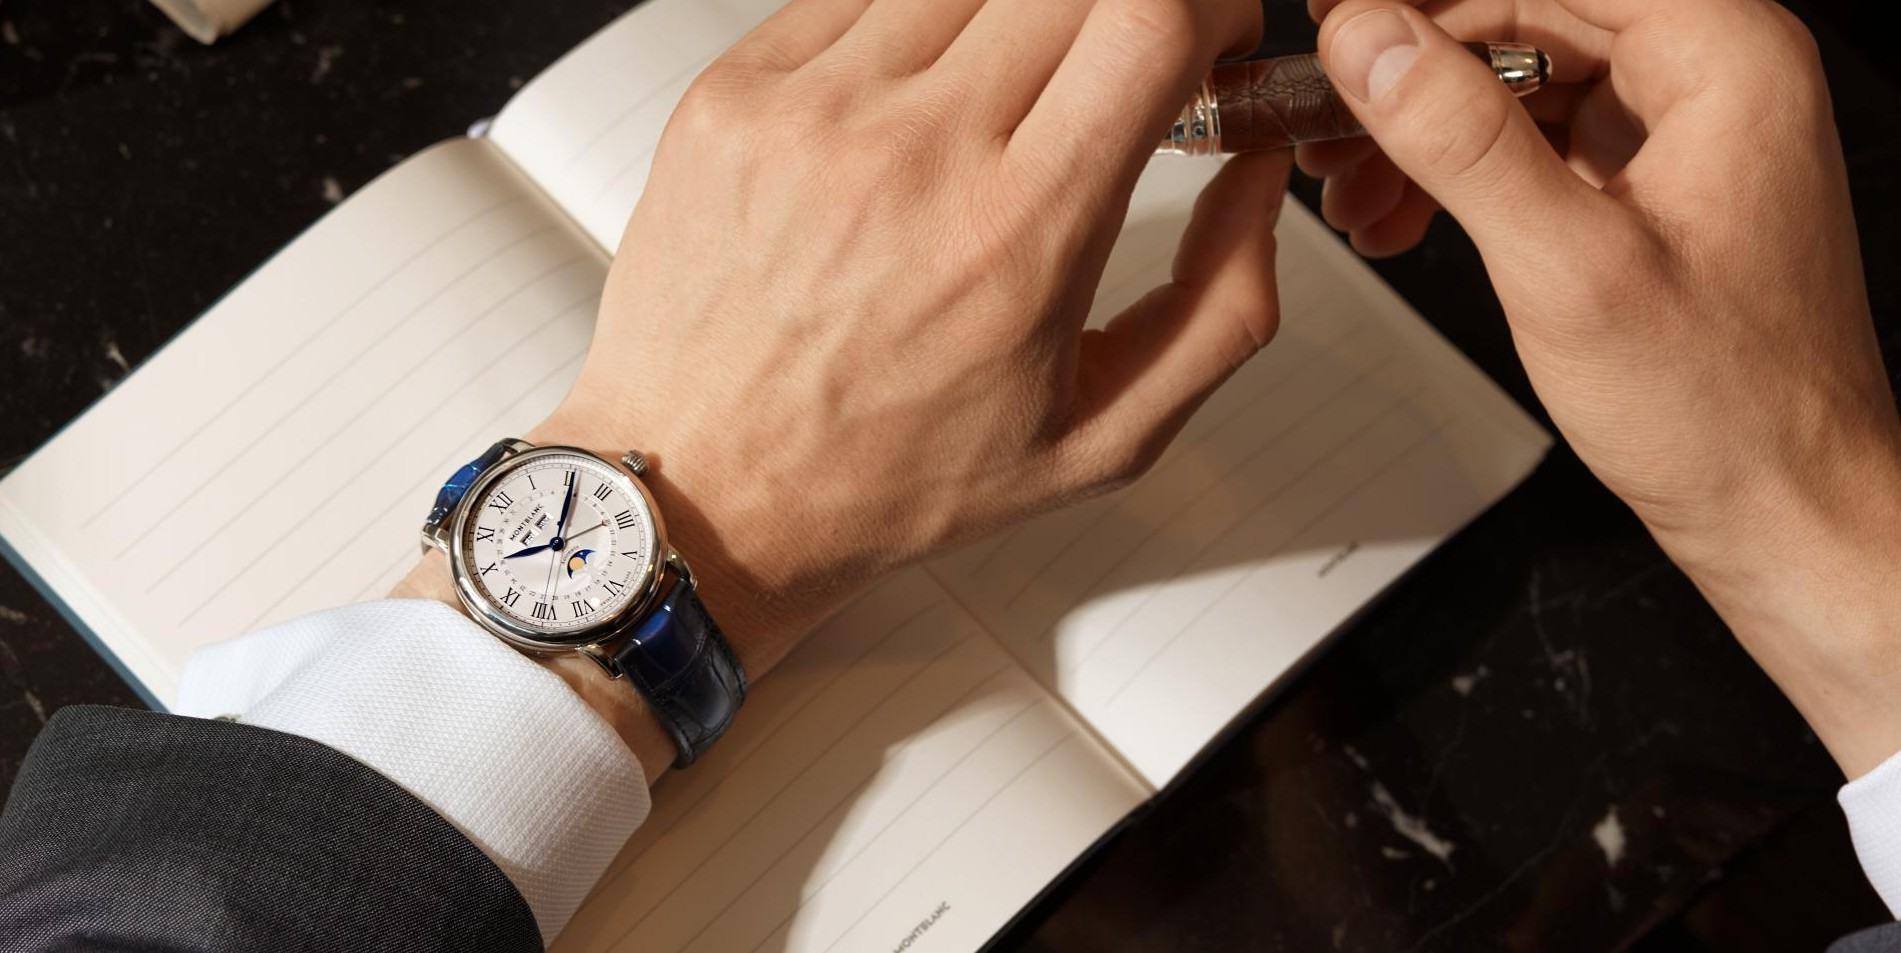 中秋賞月良伴:MONTBLANC萬寶龍經典月相腕錶團圓大集合